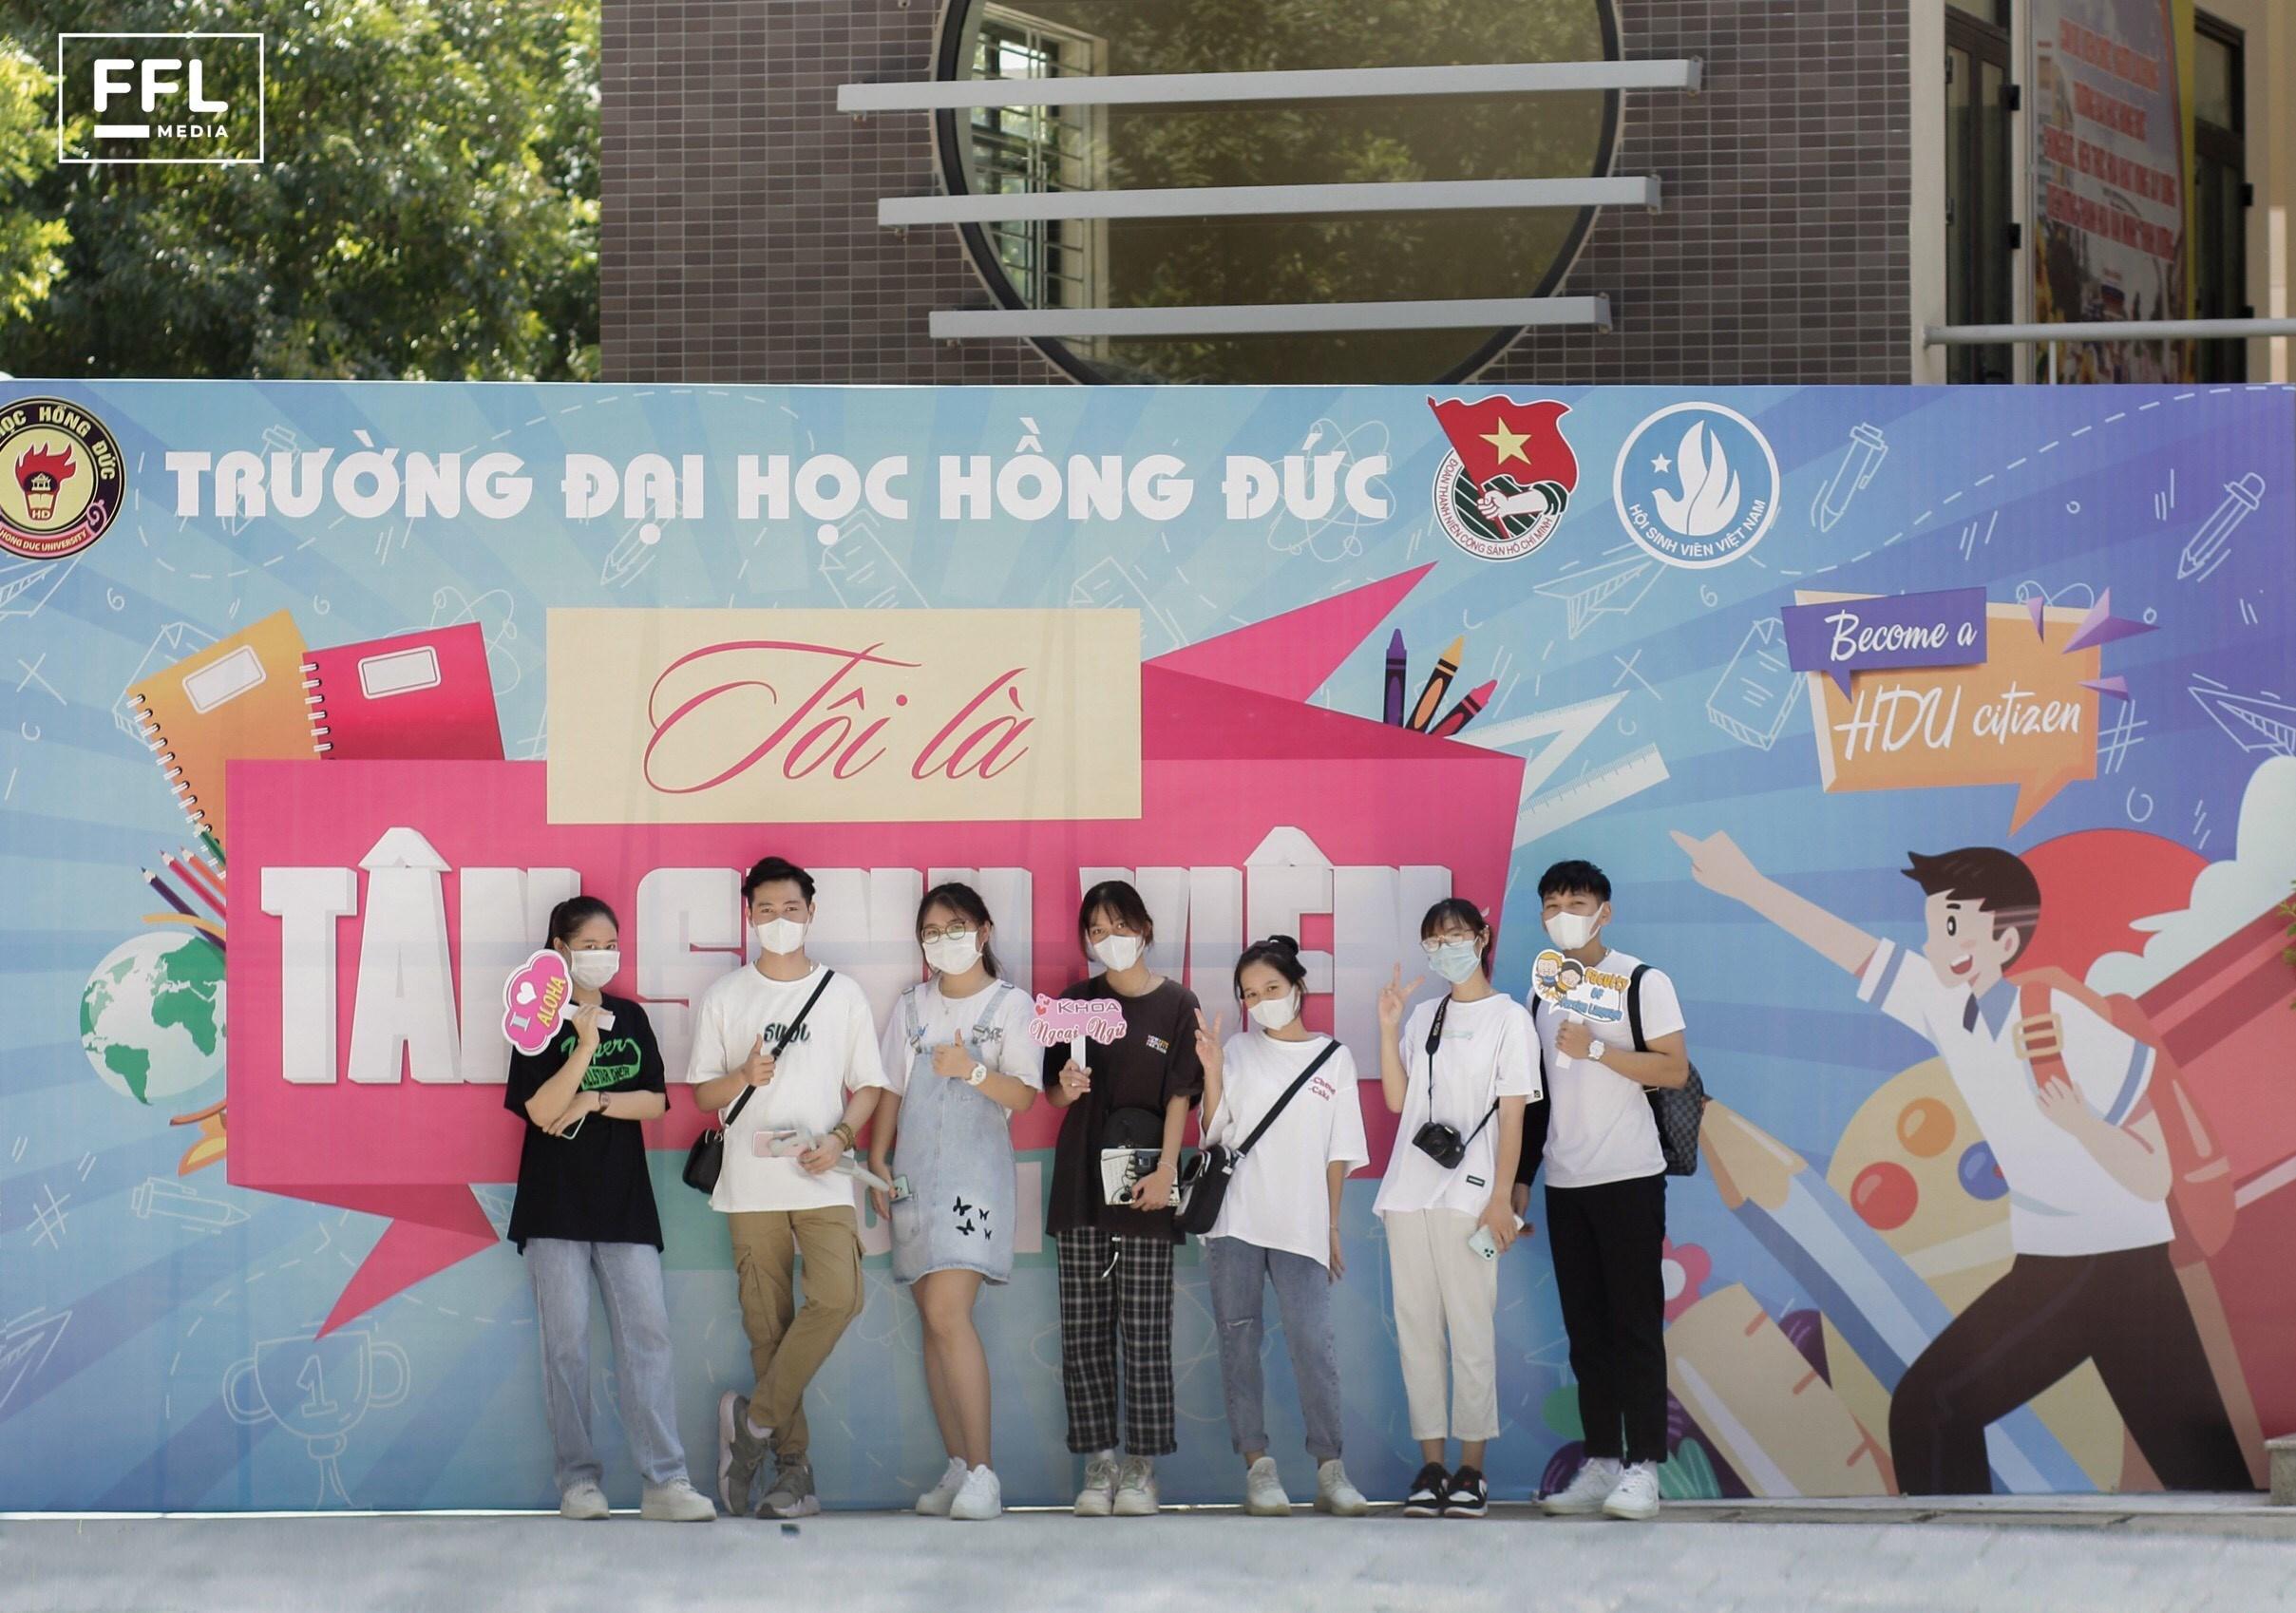 Những ngày đầu nhập học cho sinh viên K24 Khoa Ngoại Ngữ - Trường Đại Học Hồng Đức